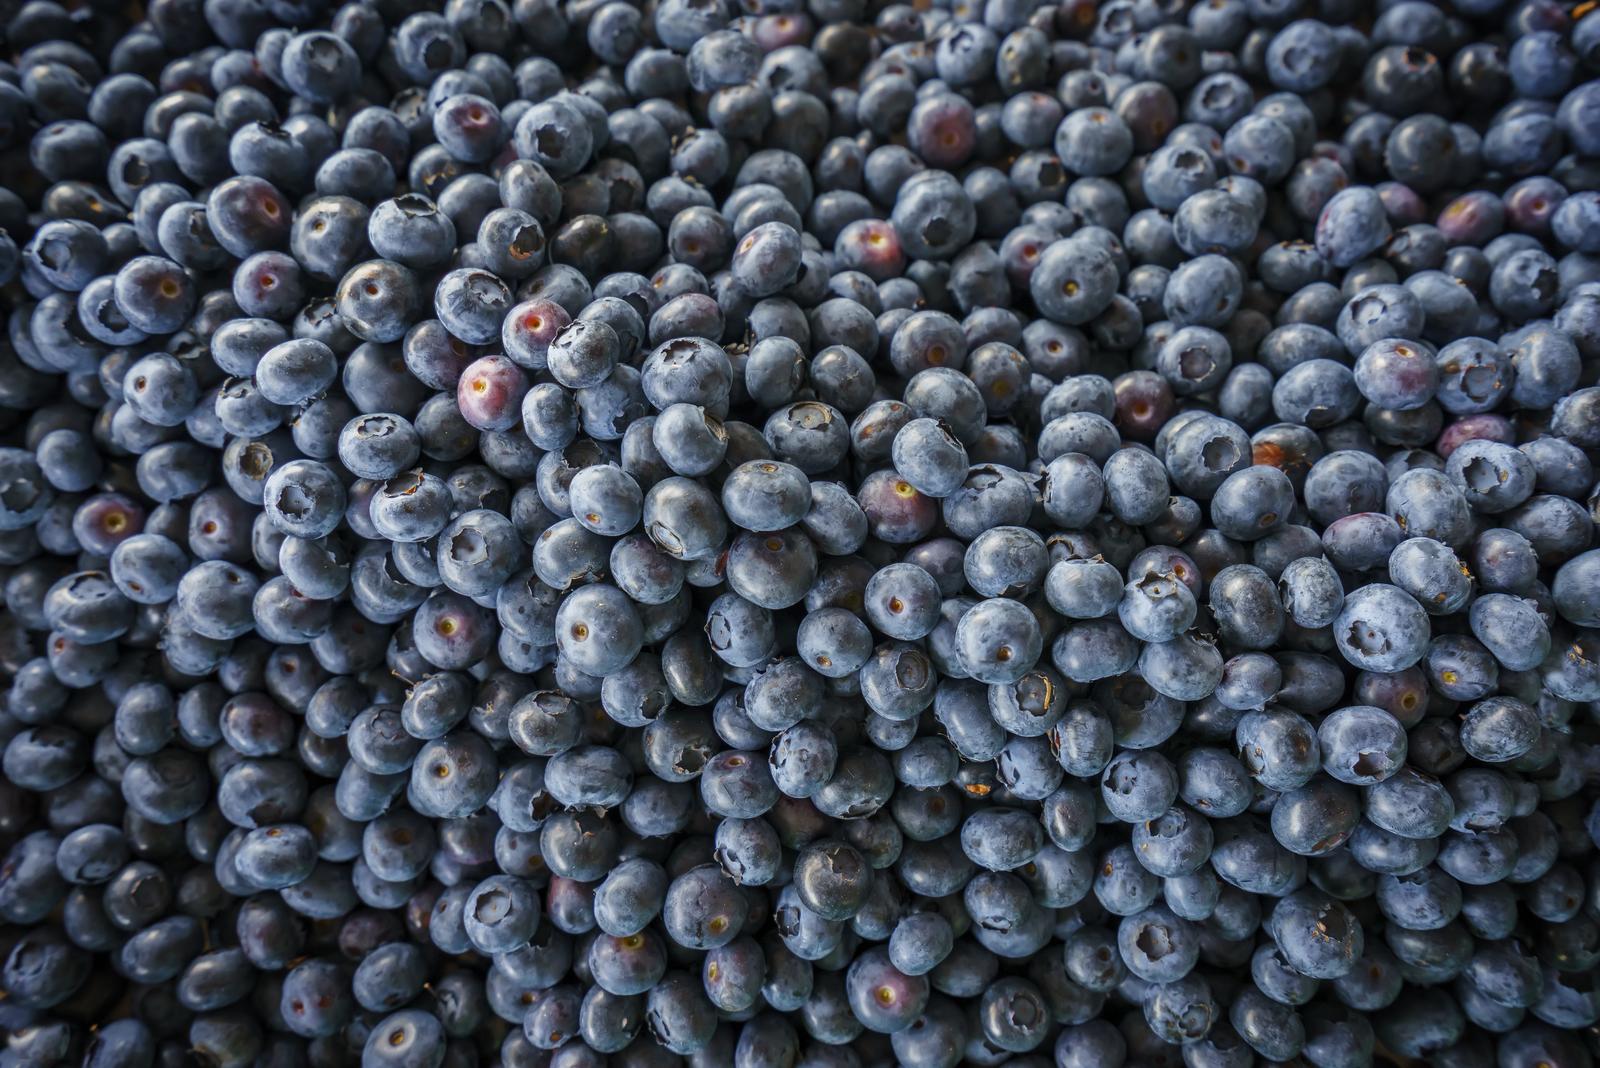 Bog bilberries